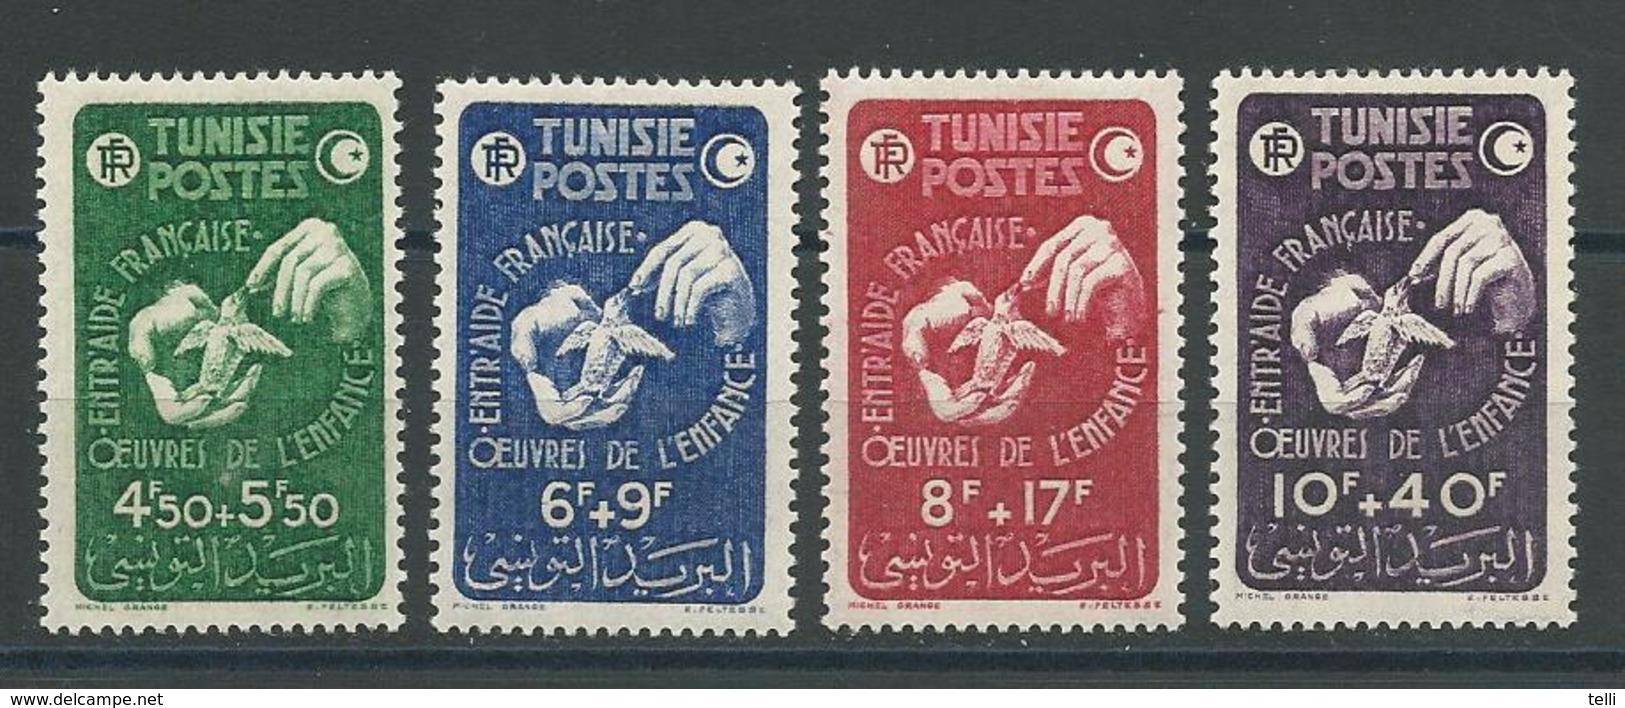 TUNISIE Scott B99-B102 Yvert 320-323 (4) * Cote 8$ - Neufs